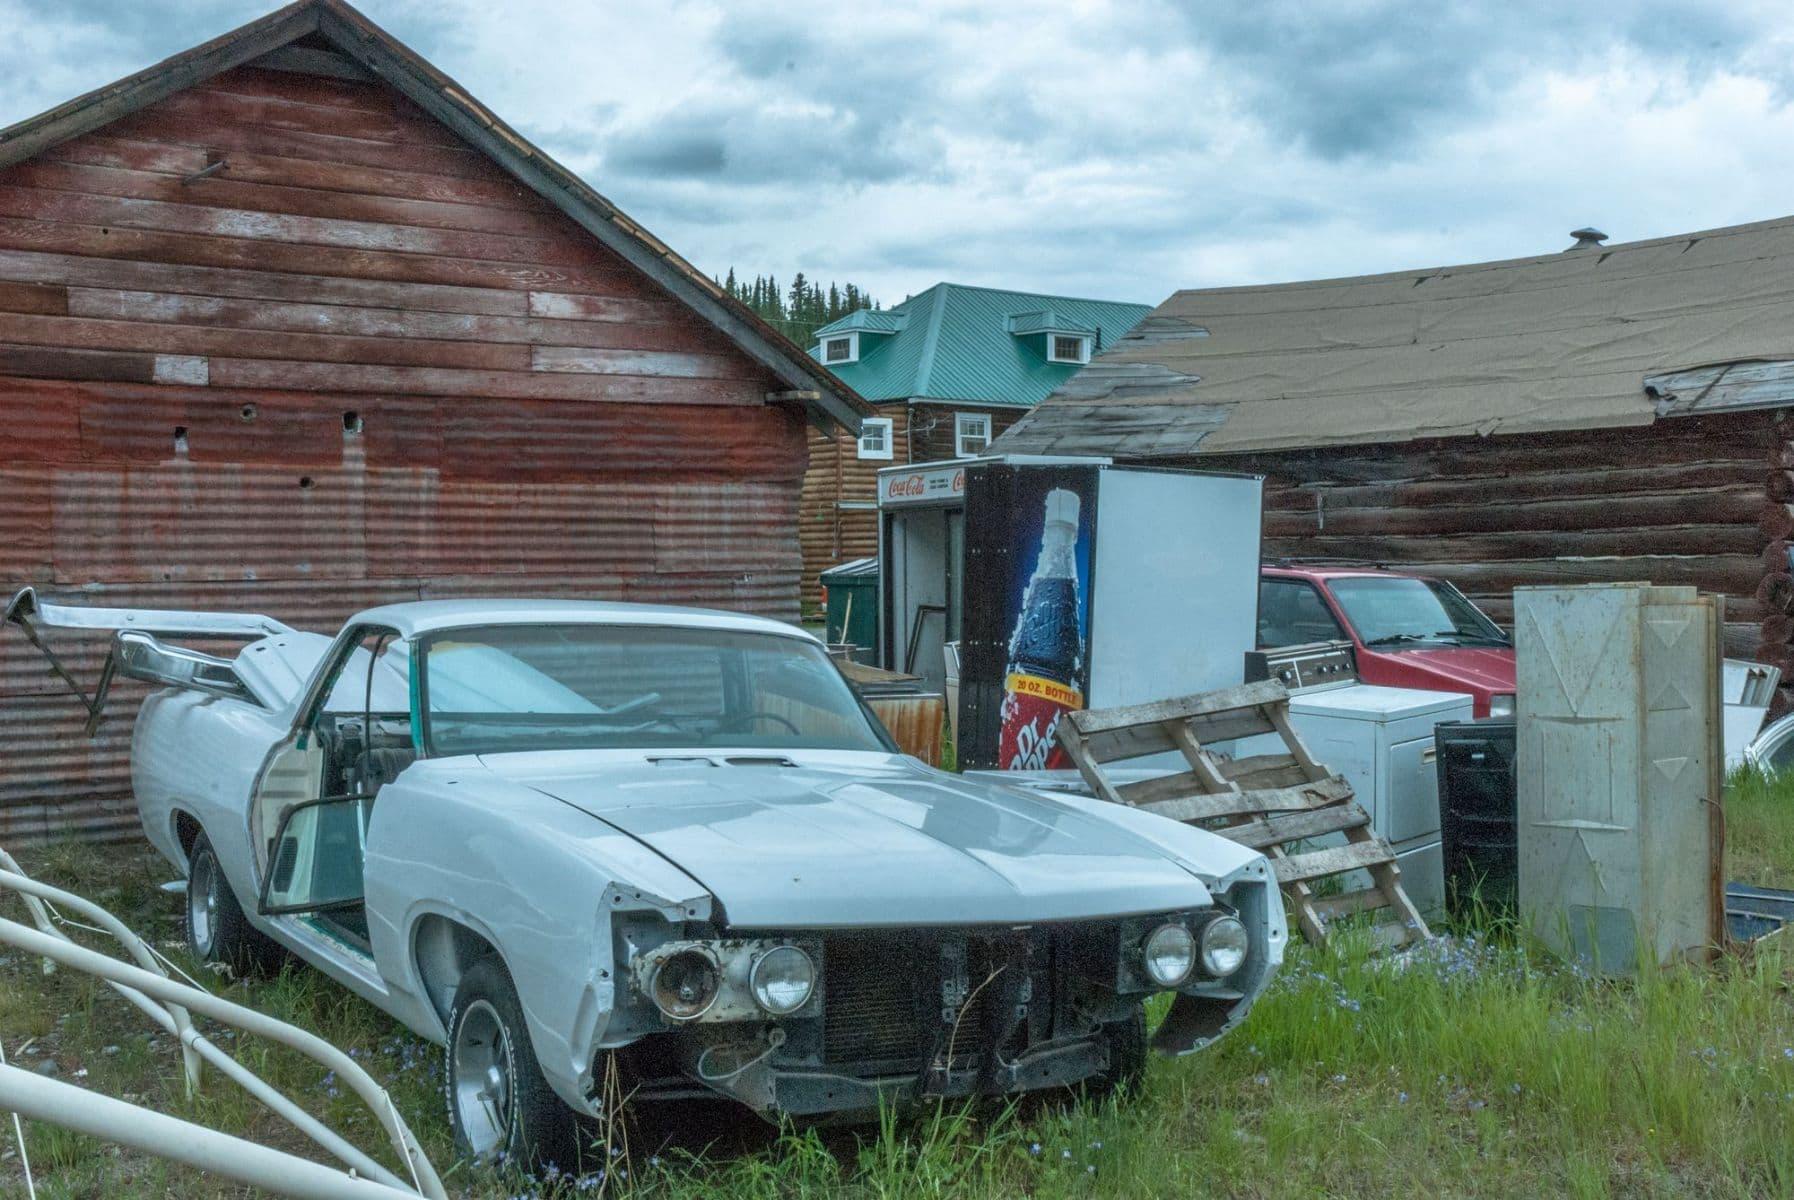 MichelAycaguer-Alaska bleu gris vert-2010-53